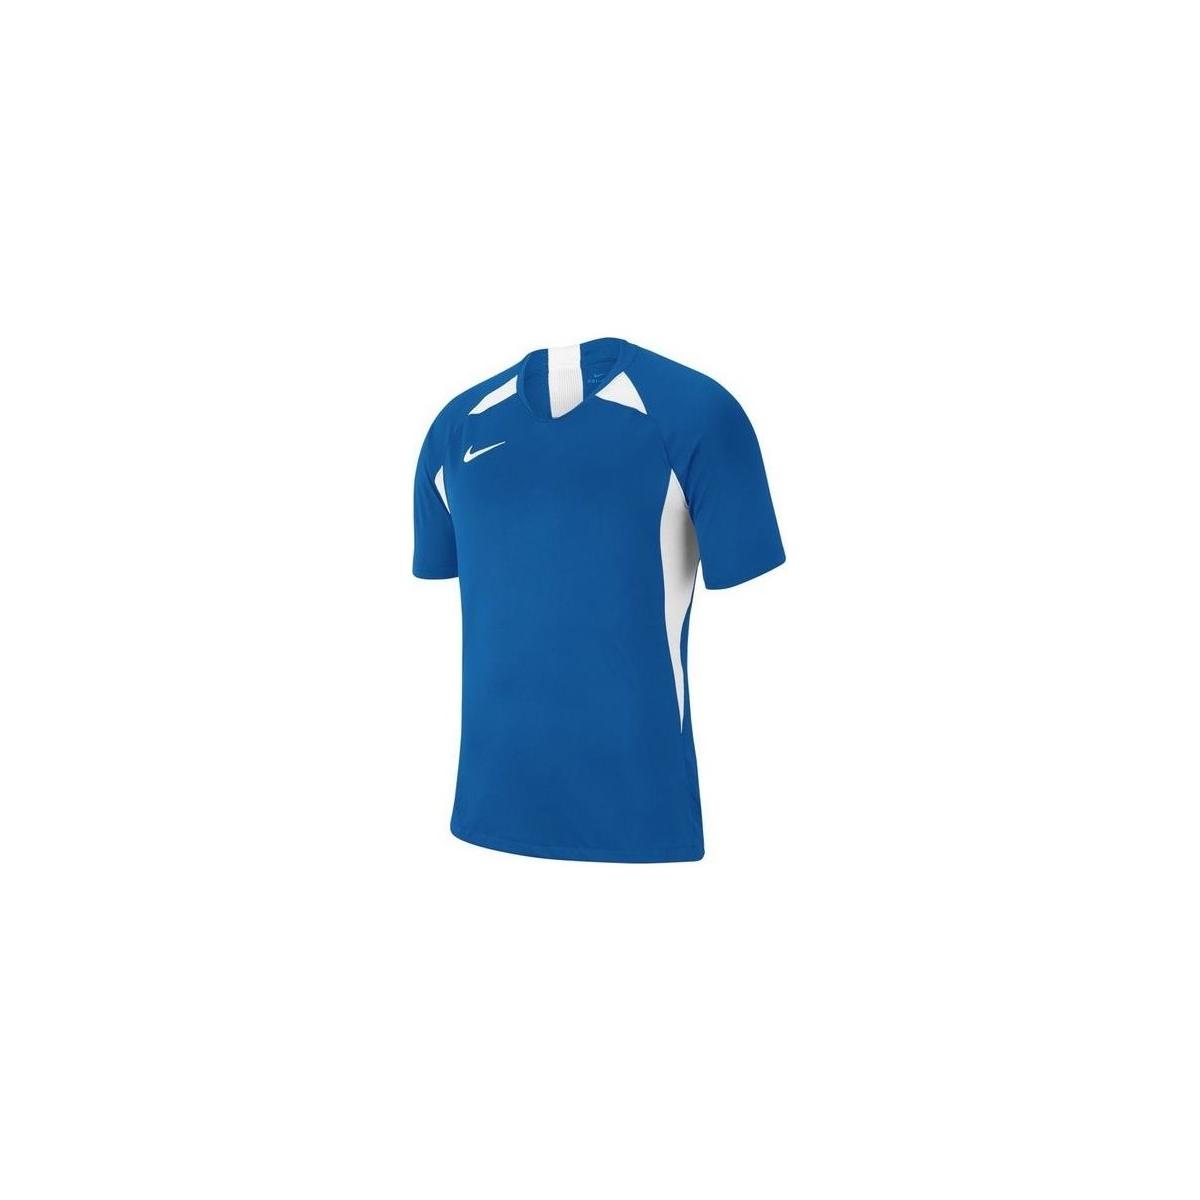 Dri-Fit Legend Erkek Mavi Futbol Forma (AJ0998-463)